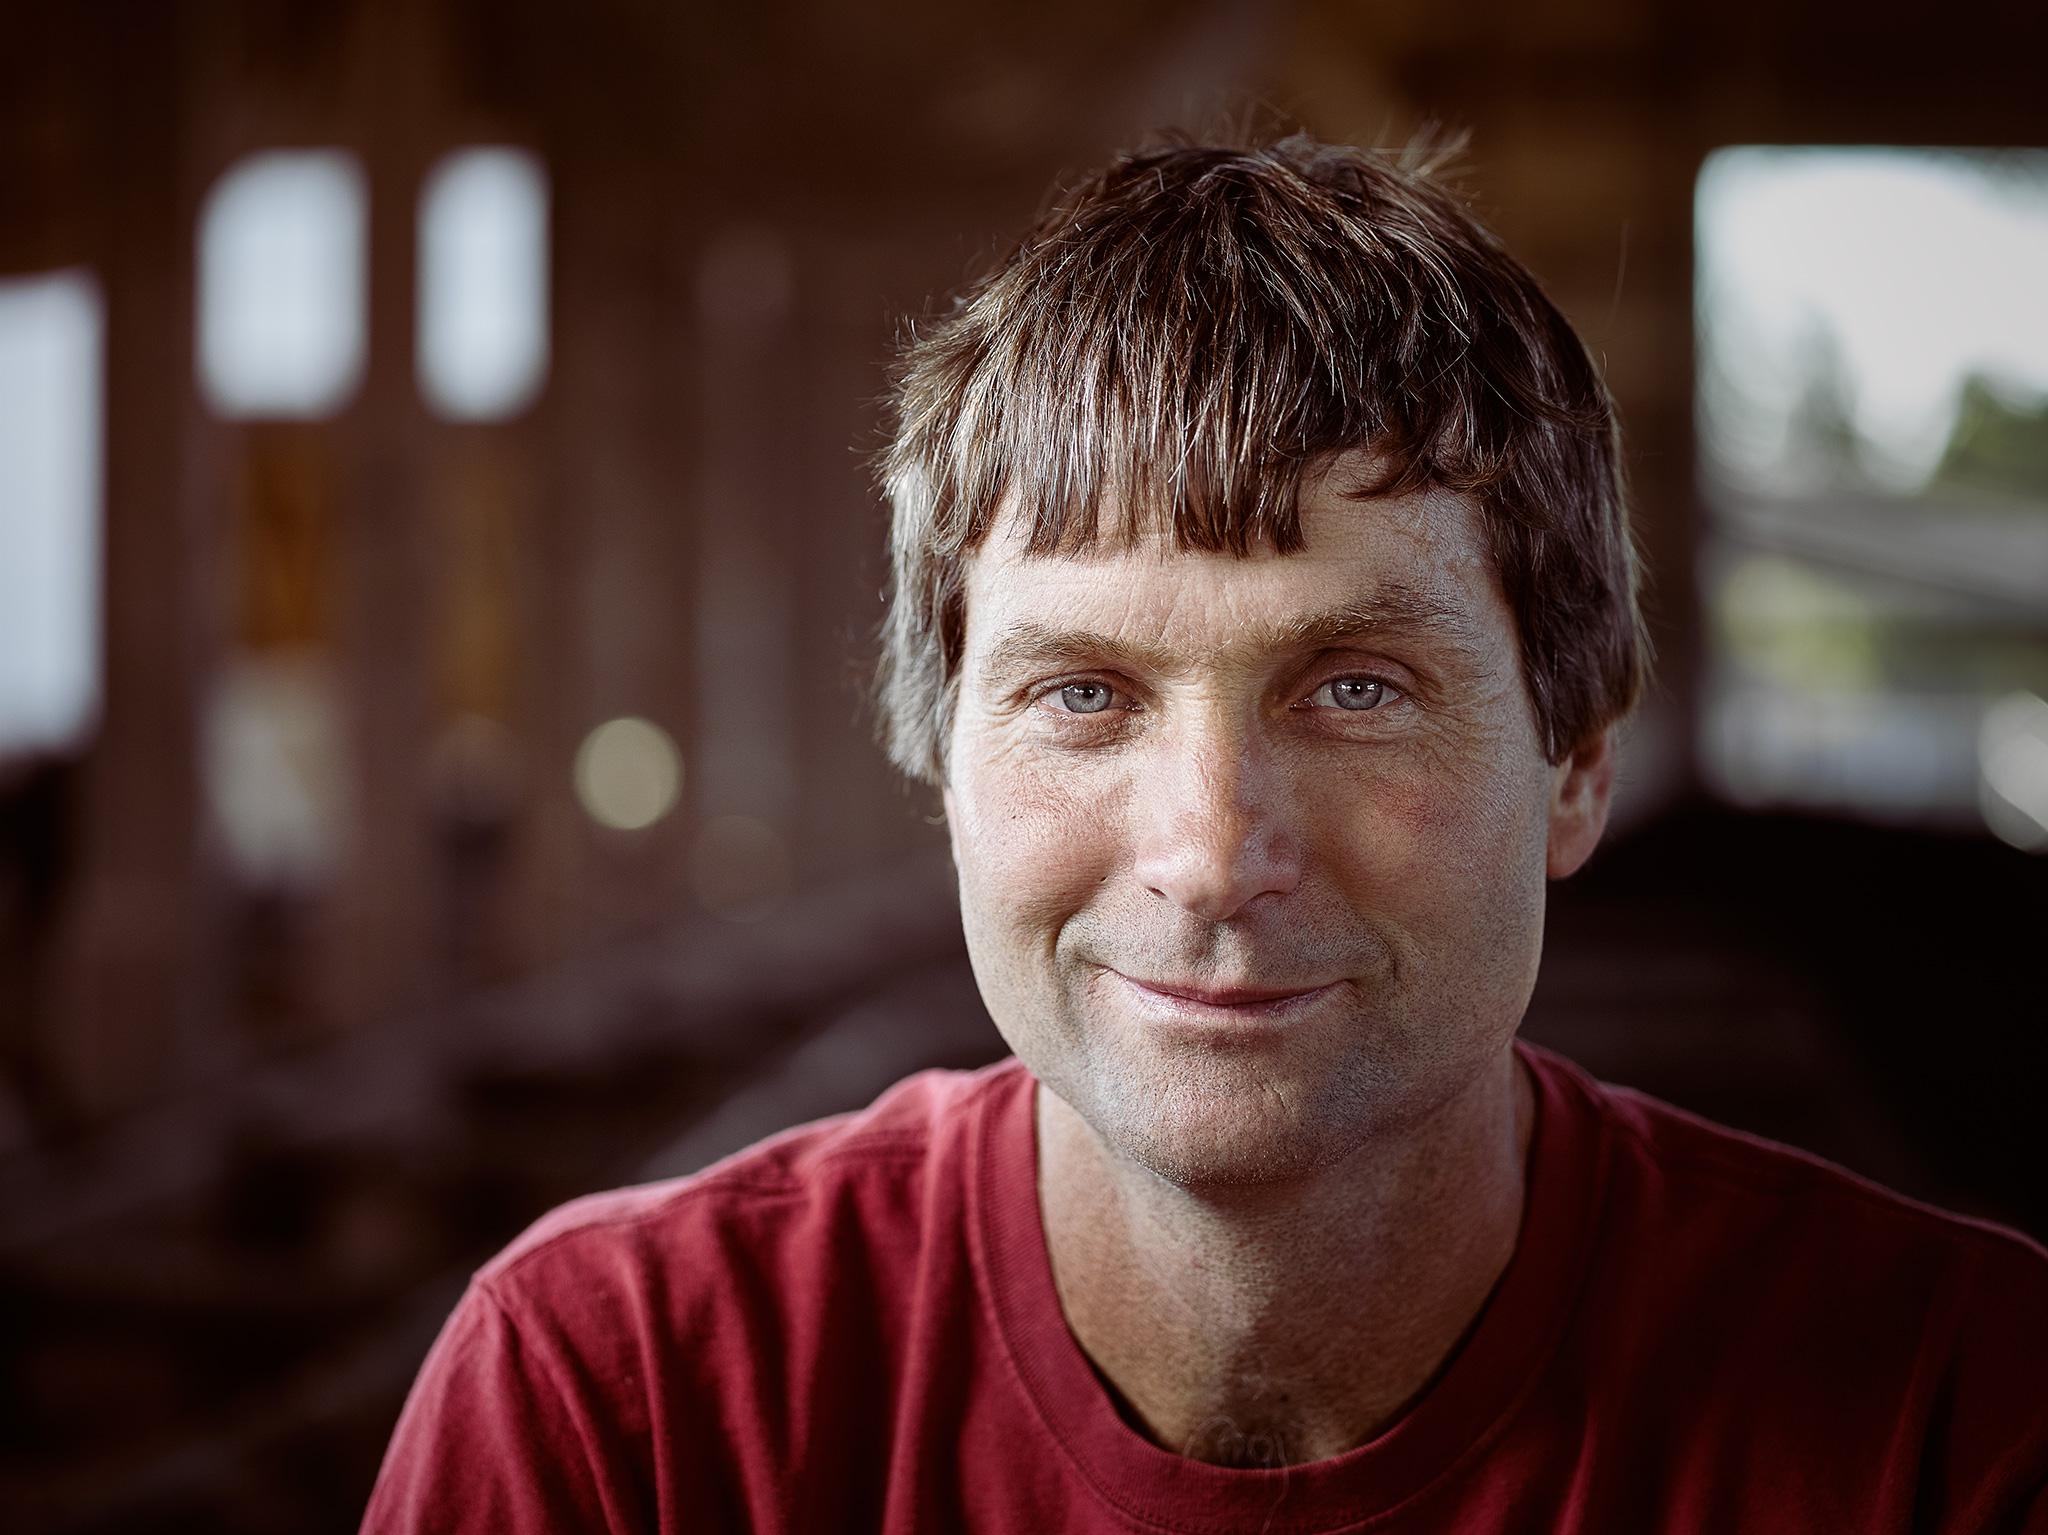 a portrait of a dairy farmer